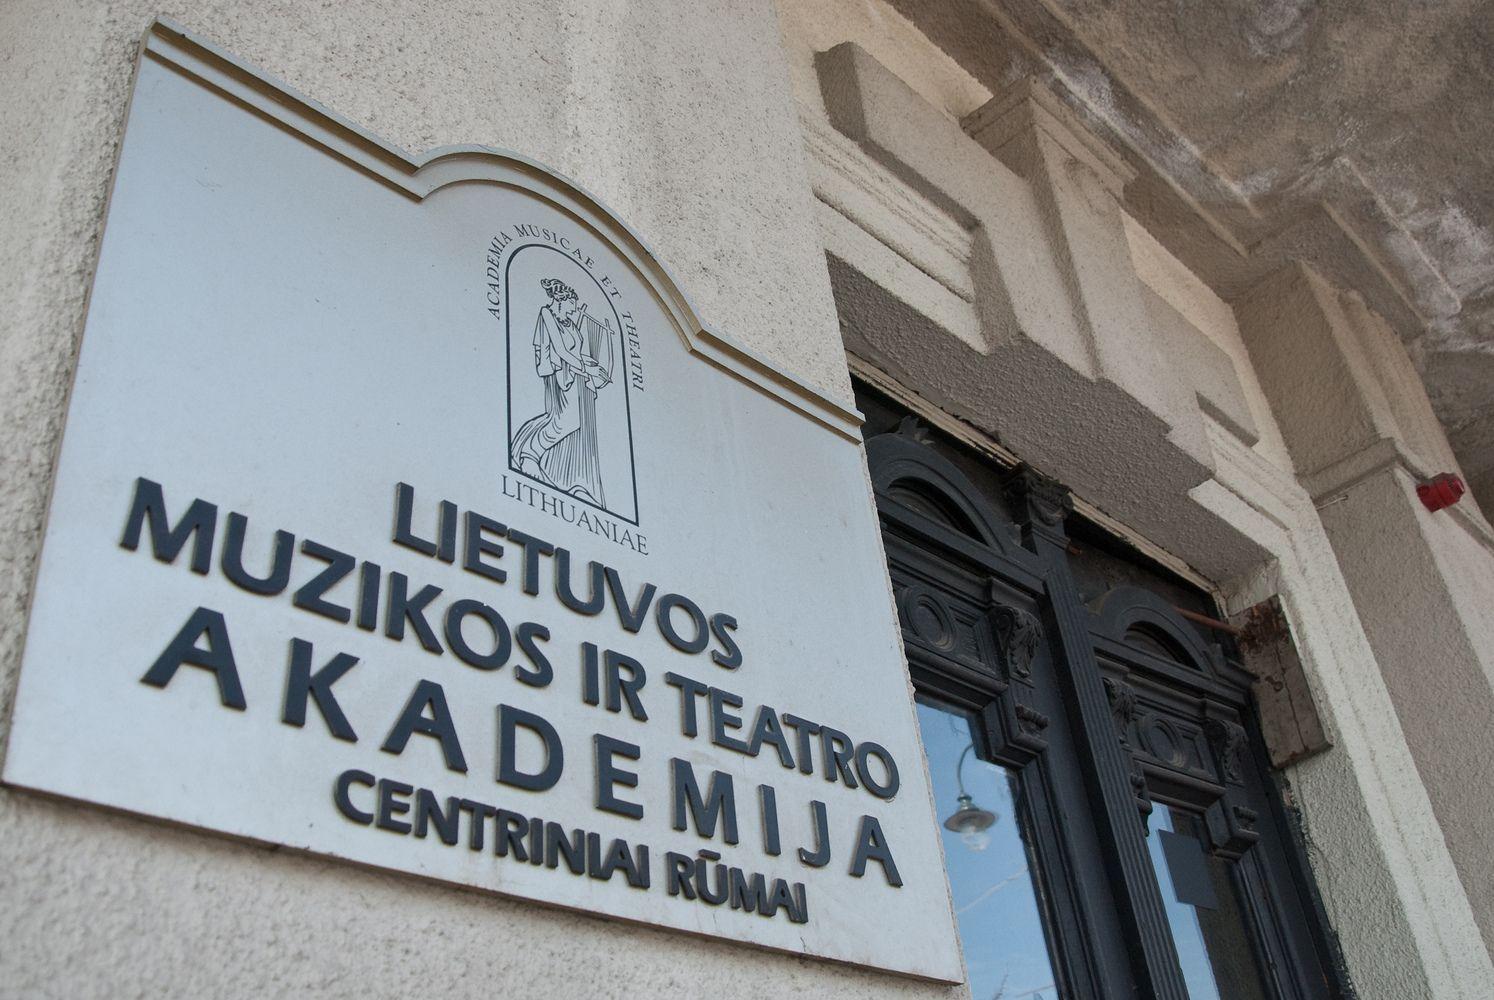 LKT - prieš dviejų Lietuvos menų akademijų jungimą